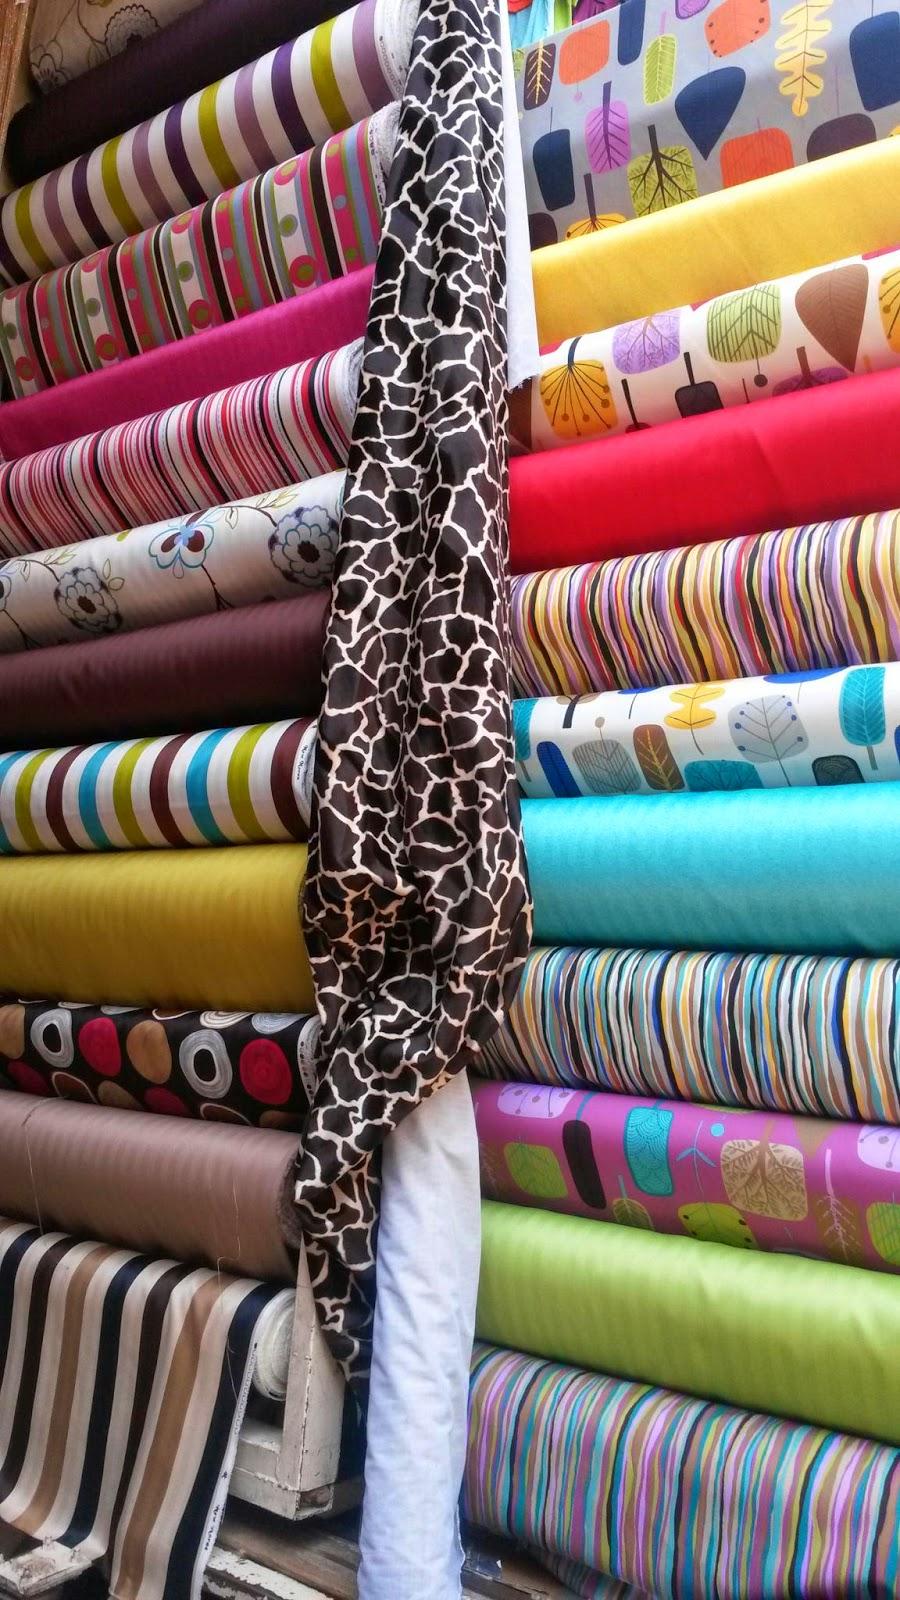 Cotton Jepun Borong Dah Banyak Cotton Jepun